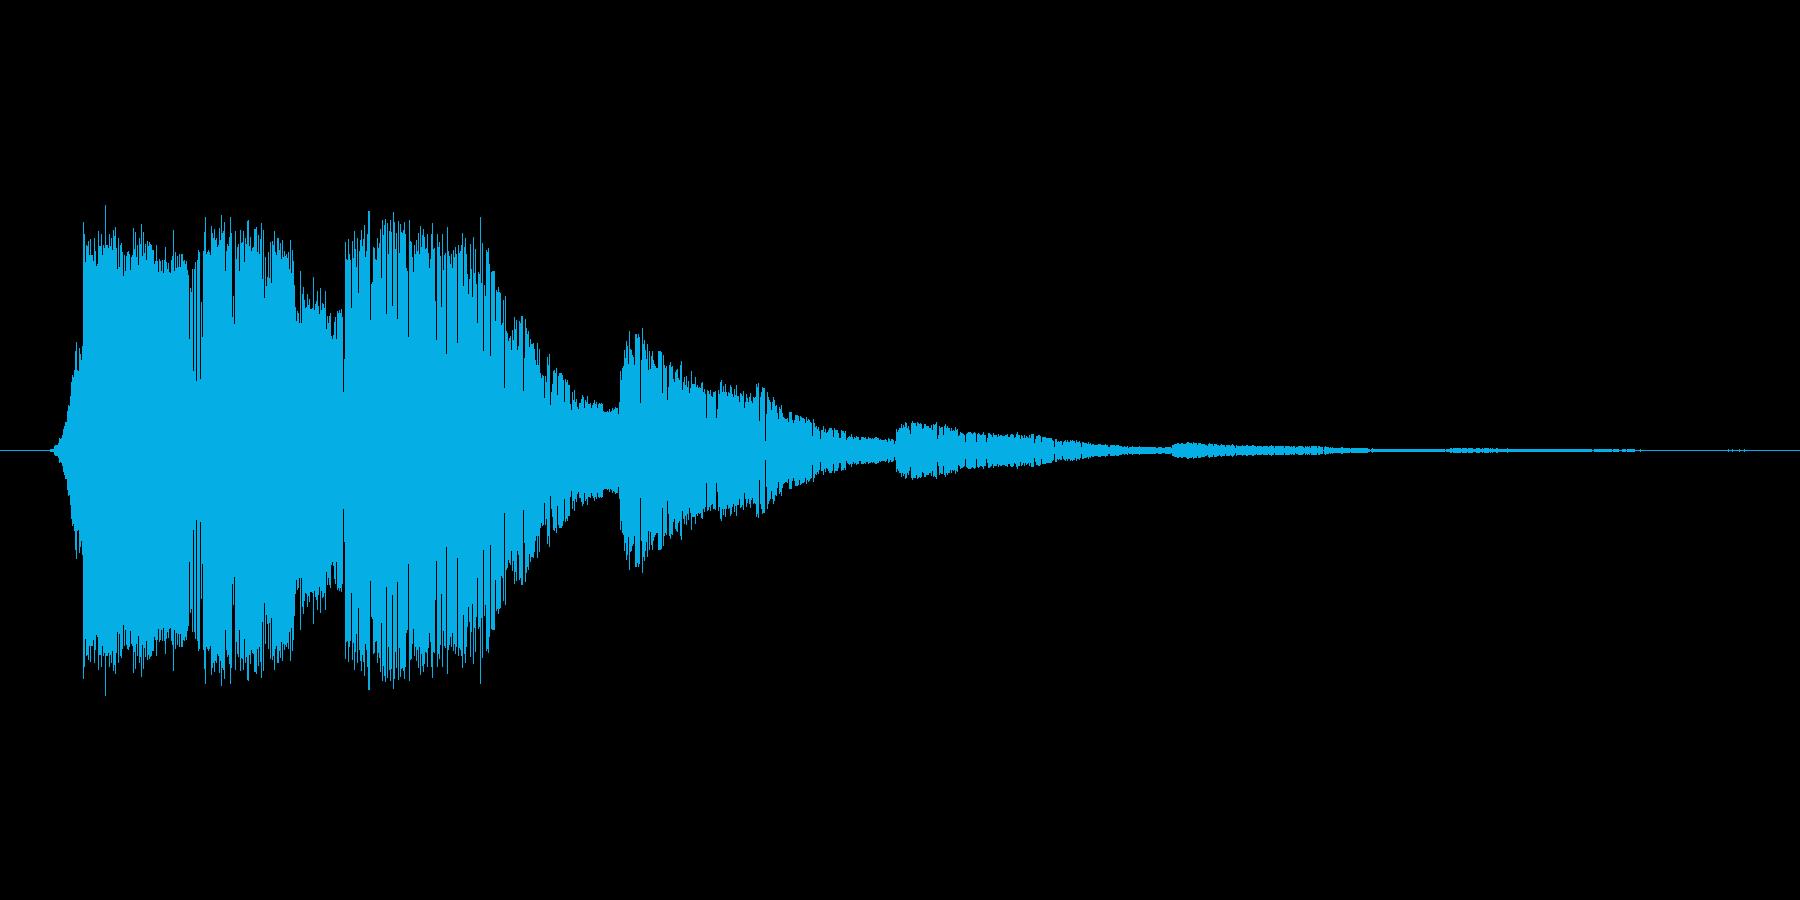 ファミコン風効果音 キャンセル系 02の再生済みの波形